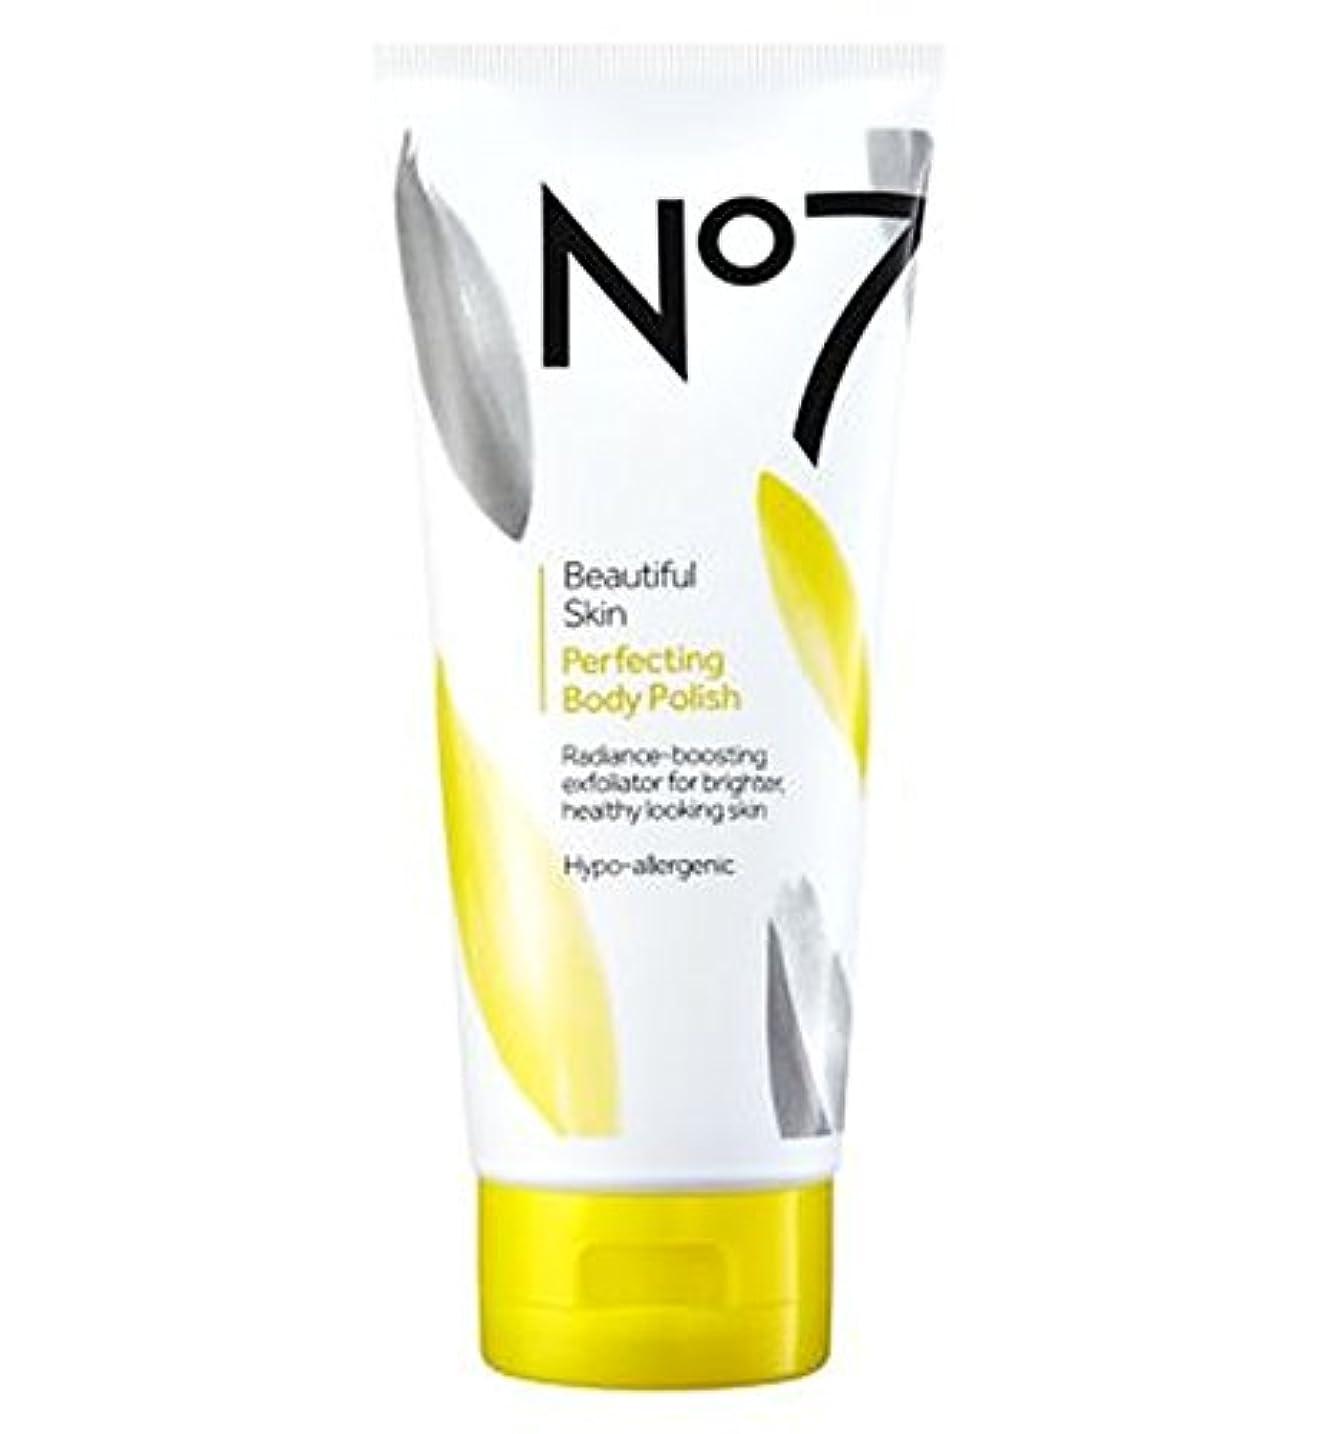 回路参照するフェザーNo7 Beautiful Skin Perfecting Body Polish - ボディポリッシュを完成No7美肌 (No7) [並行輸入品]